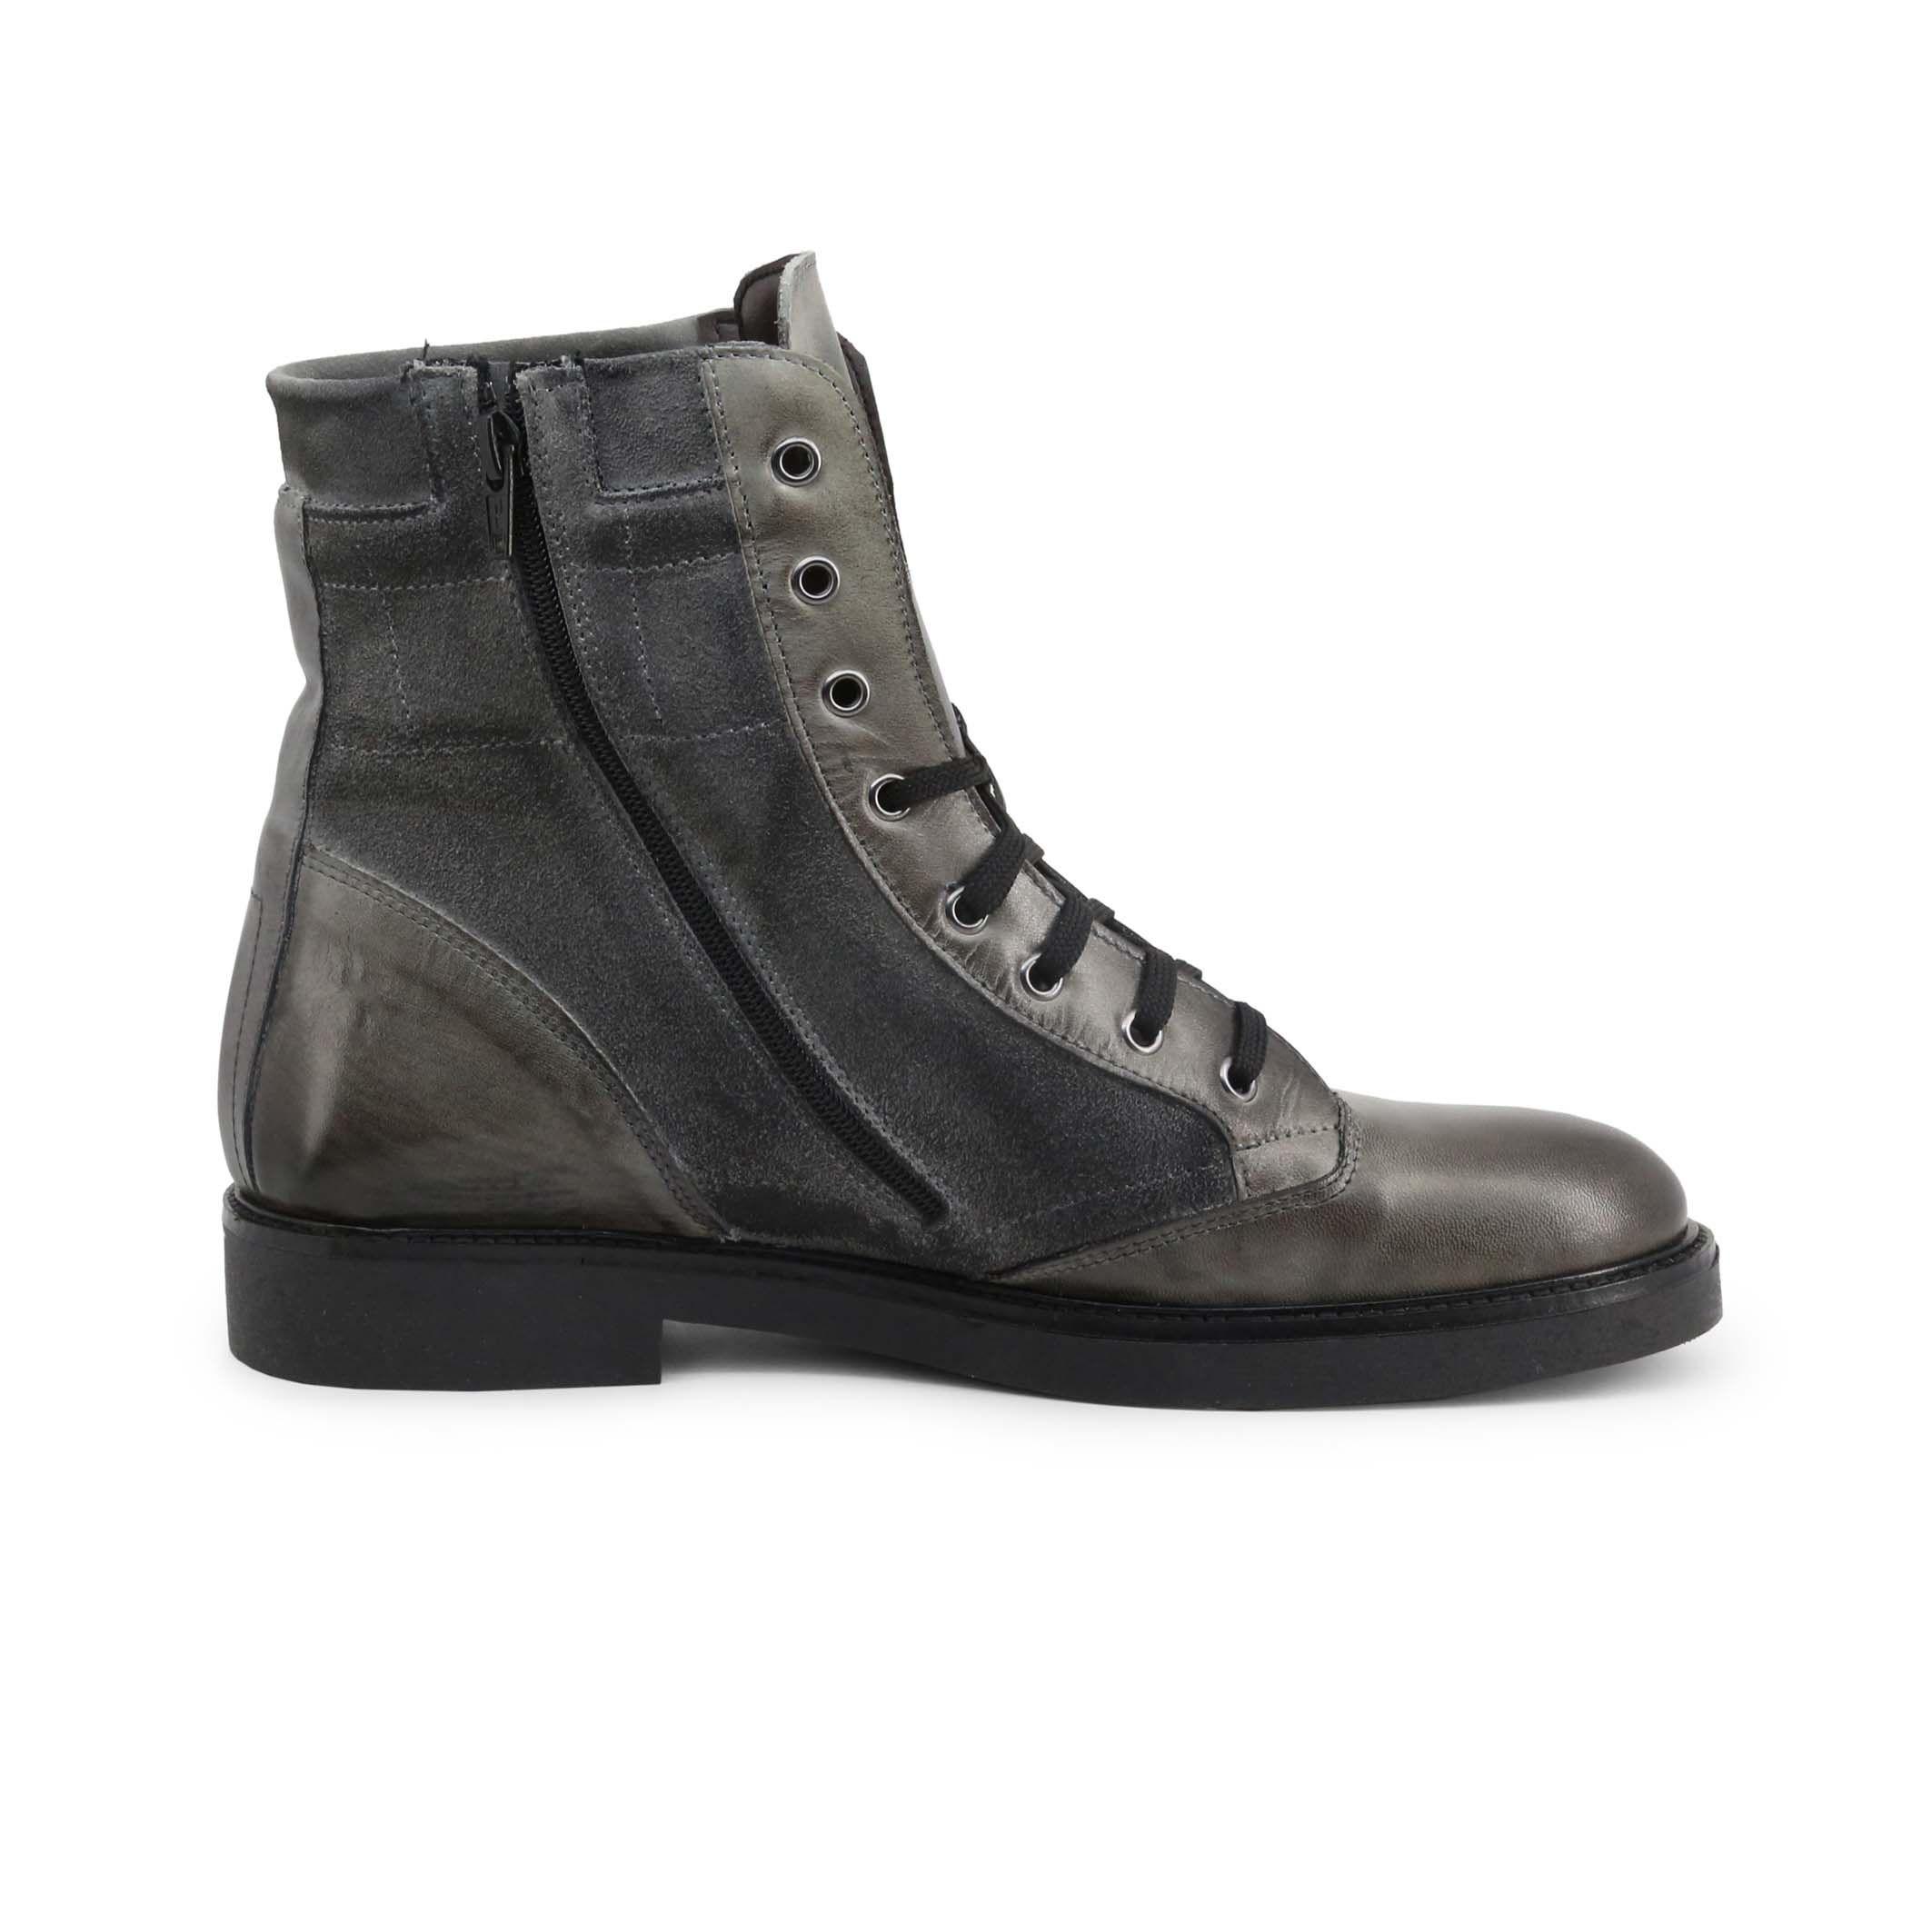 Schuhe Guido Bassi – 2_PELLE – Grau